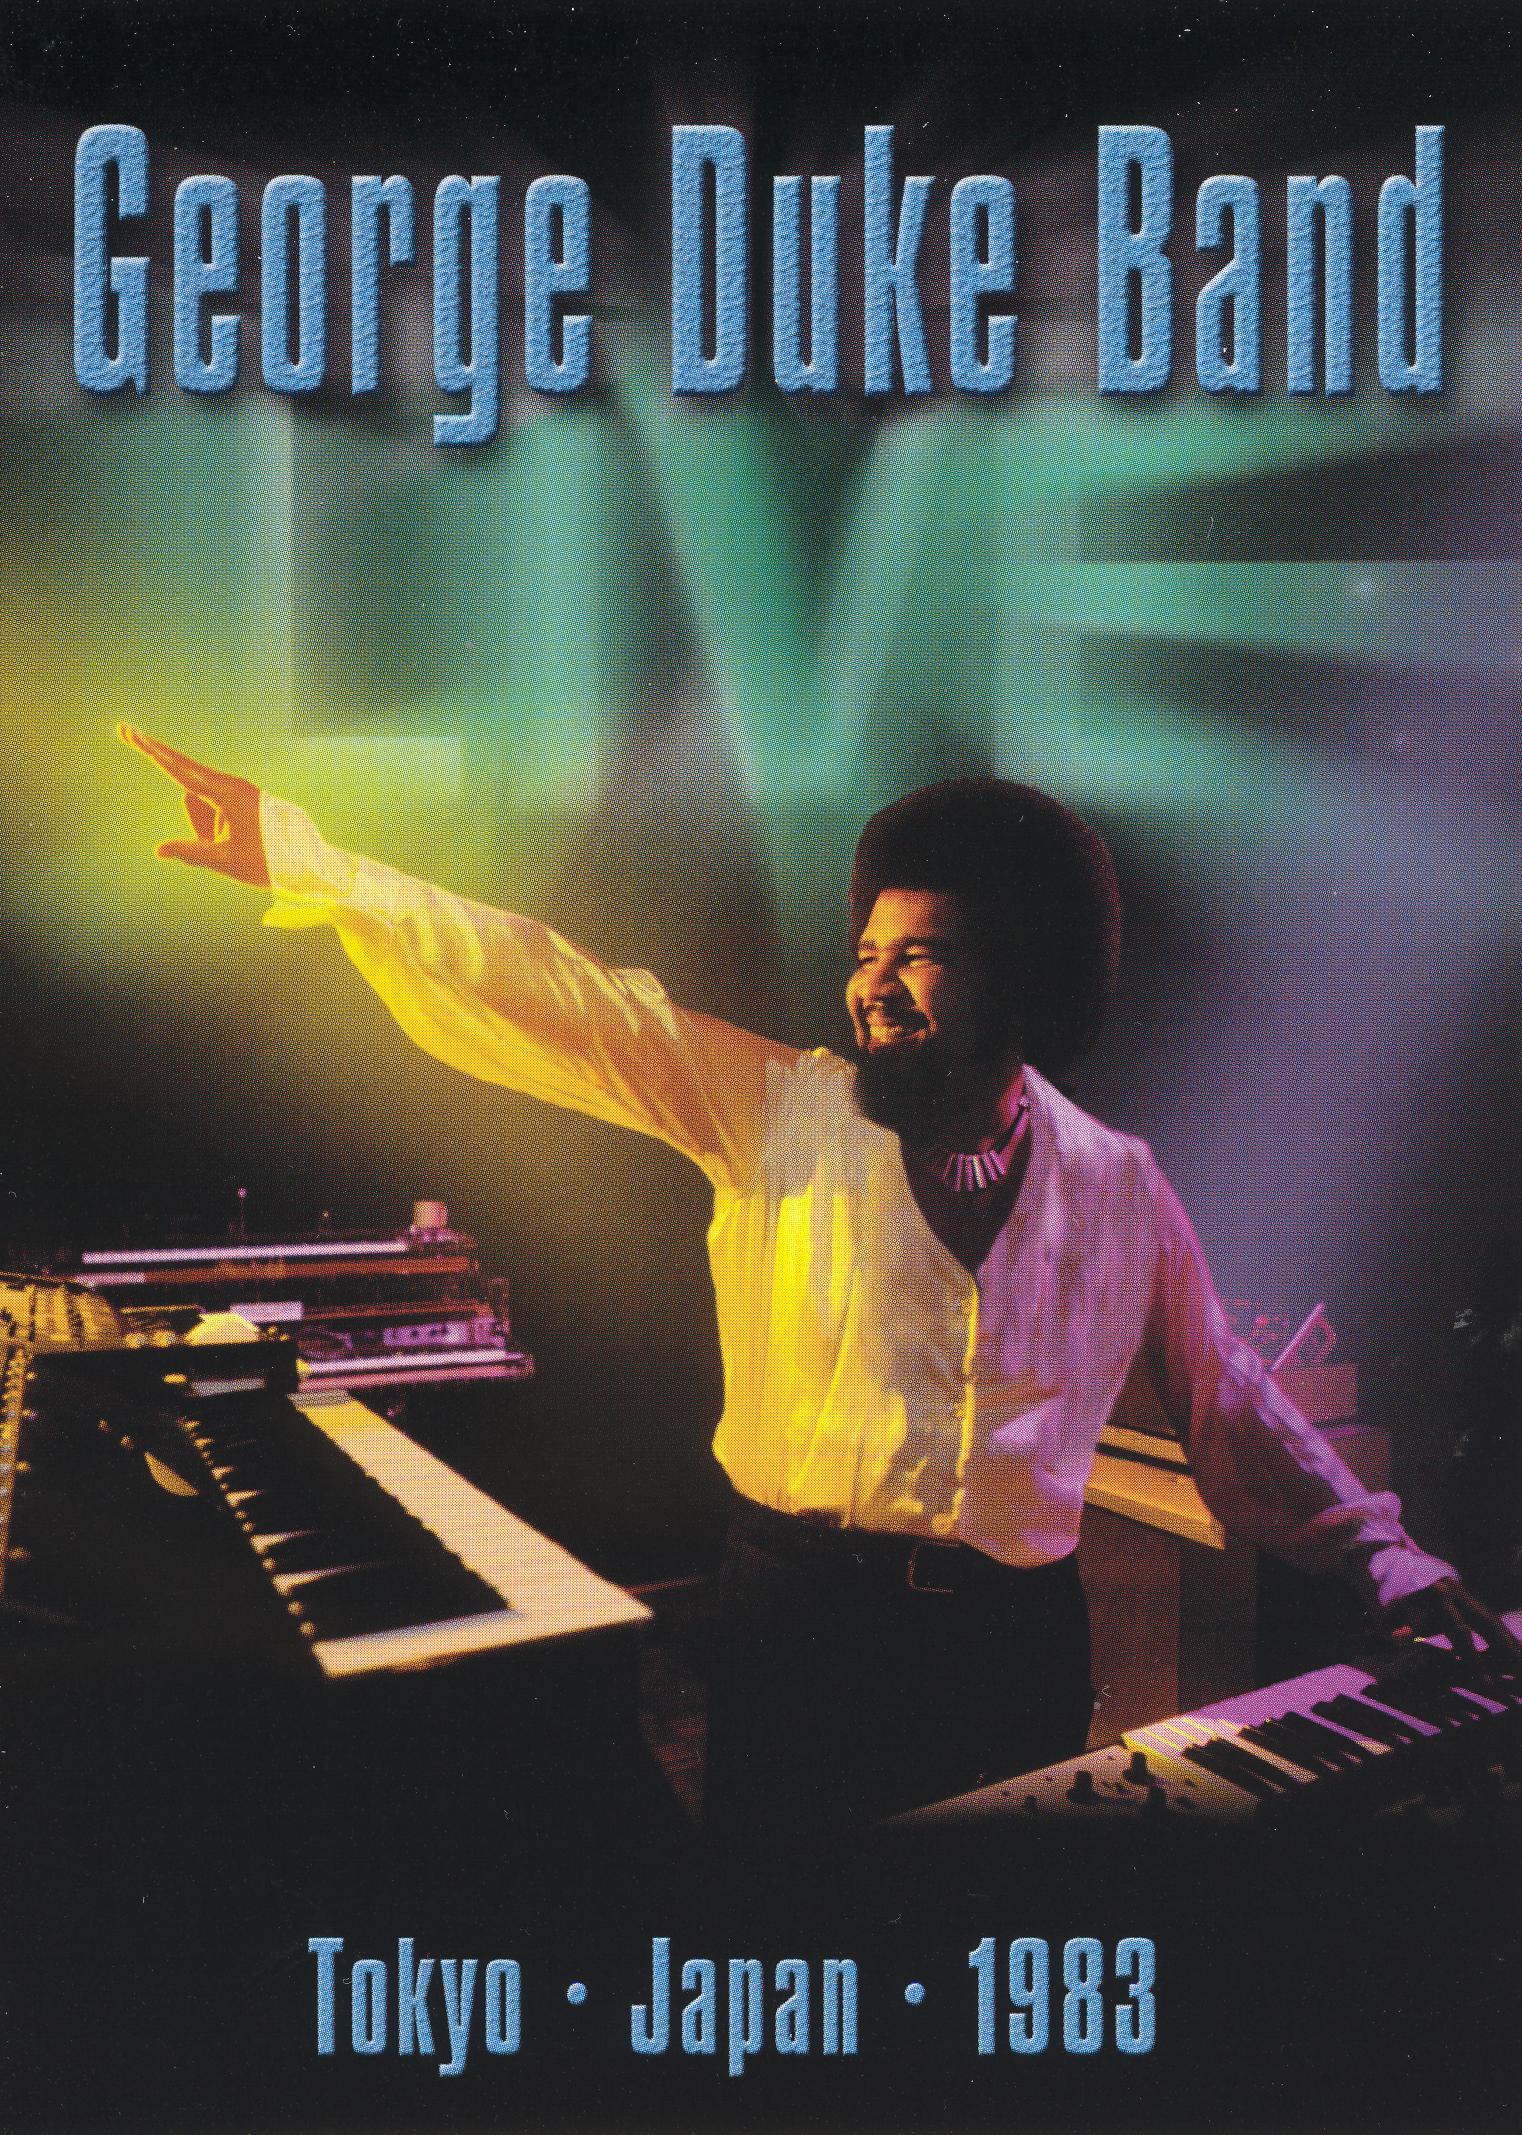 George Duke Band: Live in Tokyo, Japan